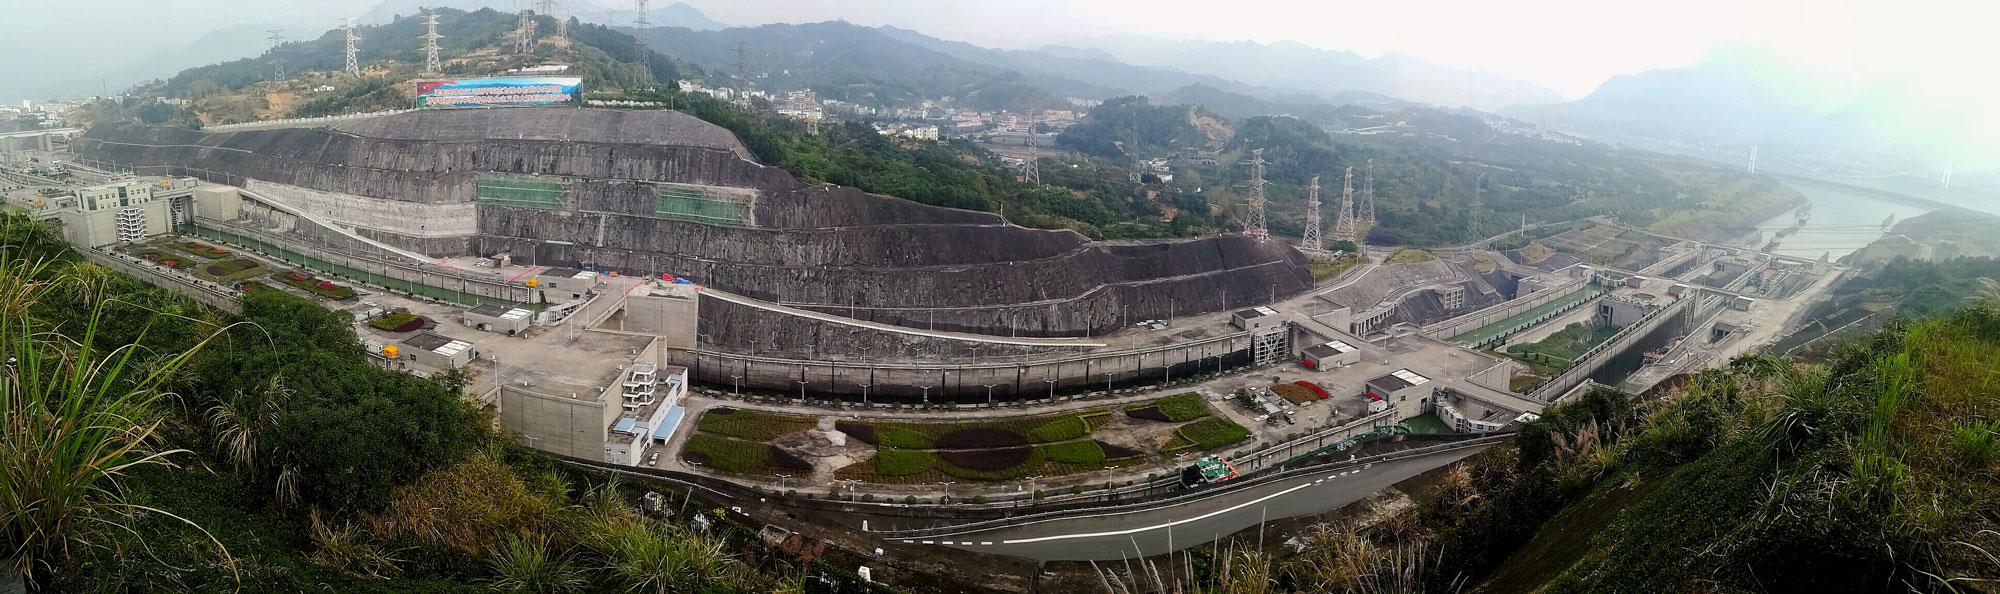 AMBER_China_dam